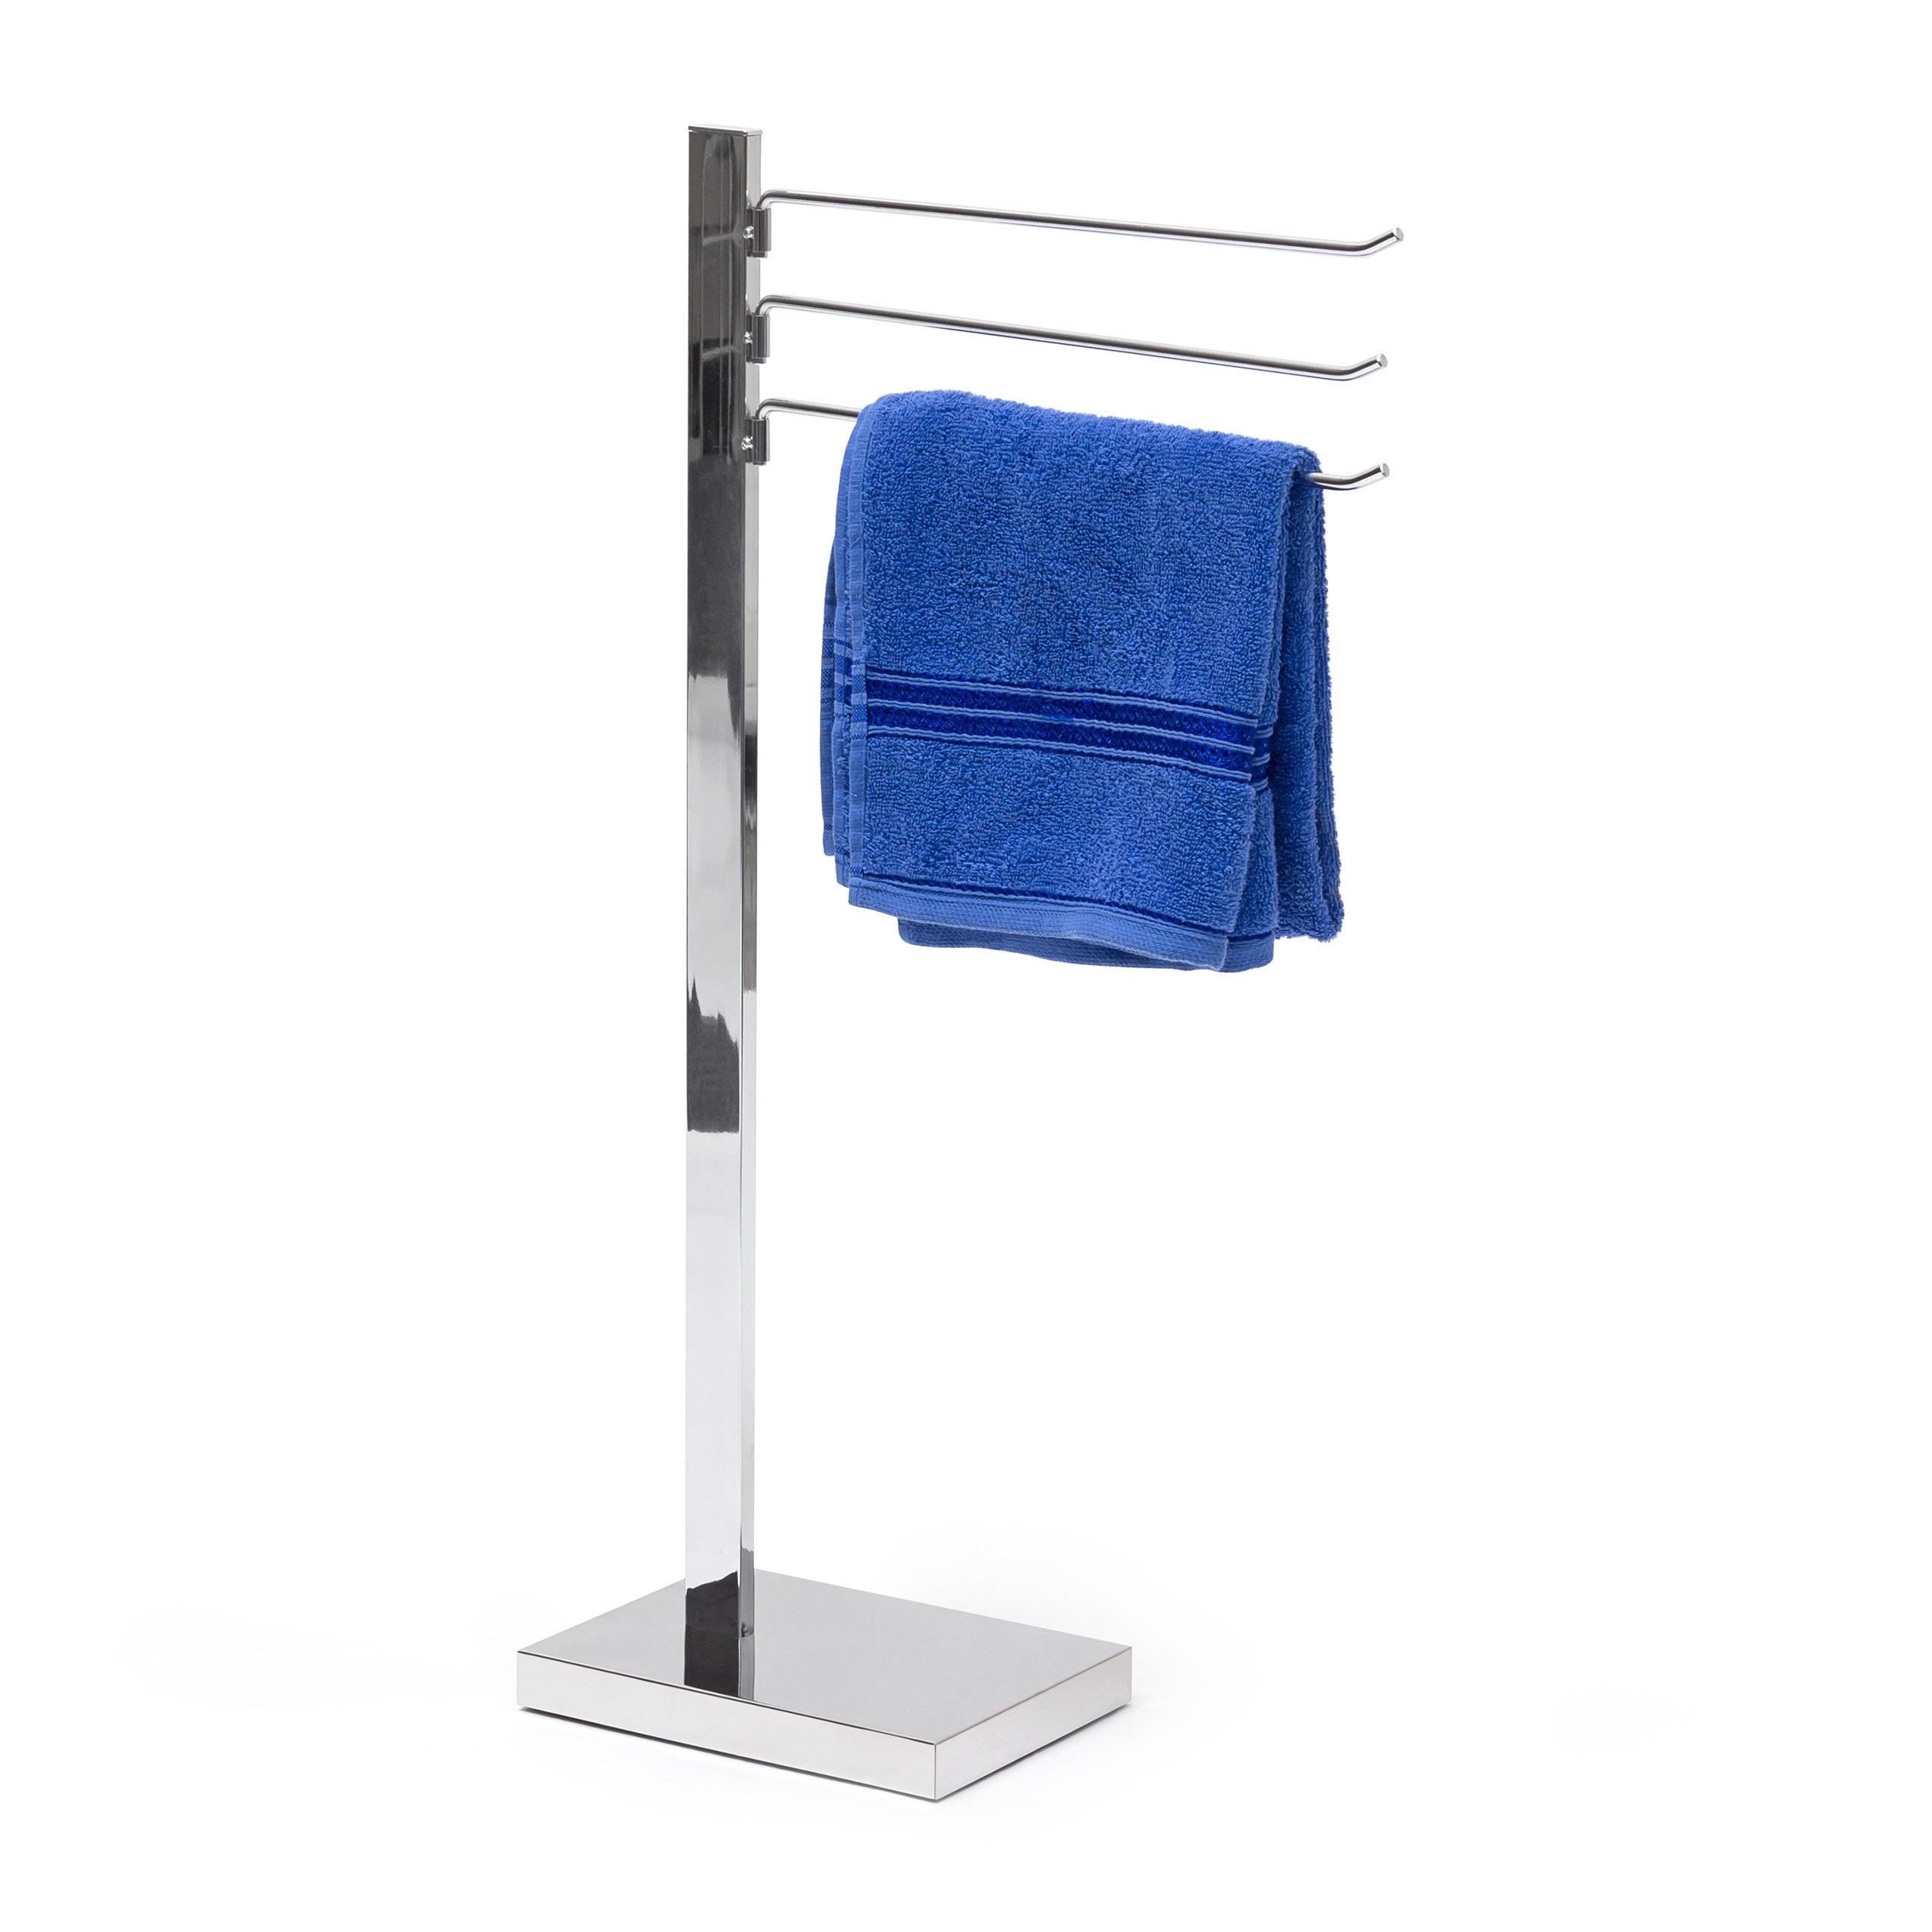 Vešiak na uteráky Chróm, RD0132, 78cm